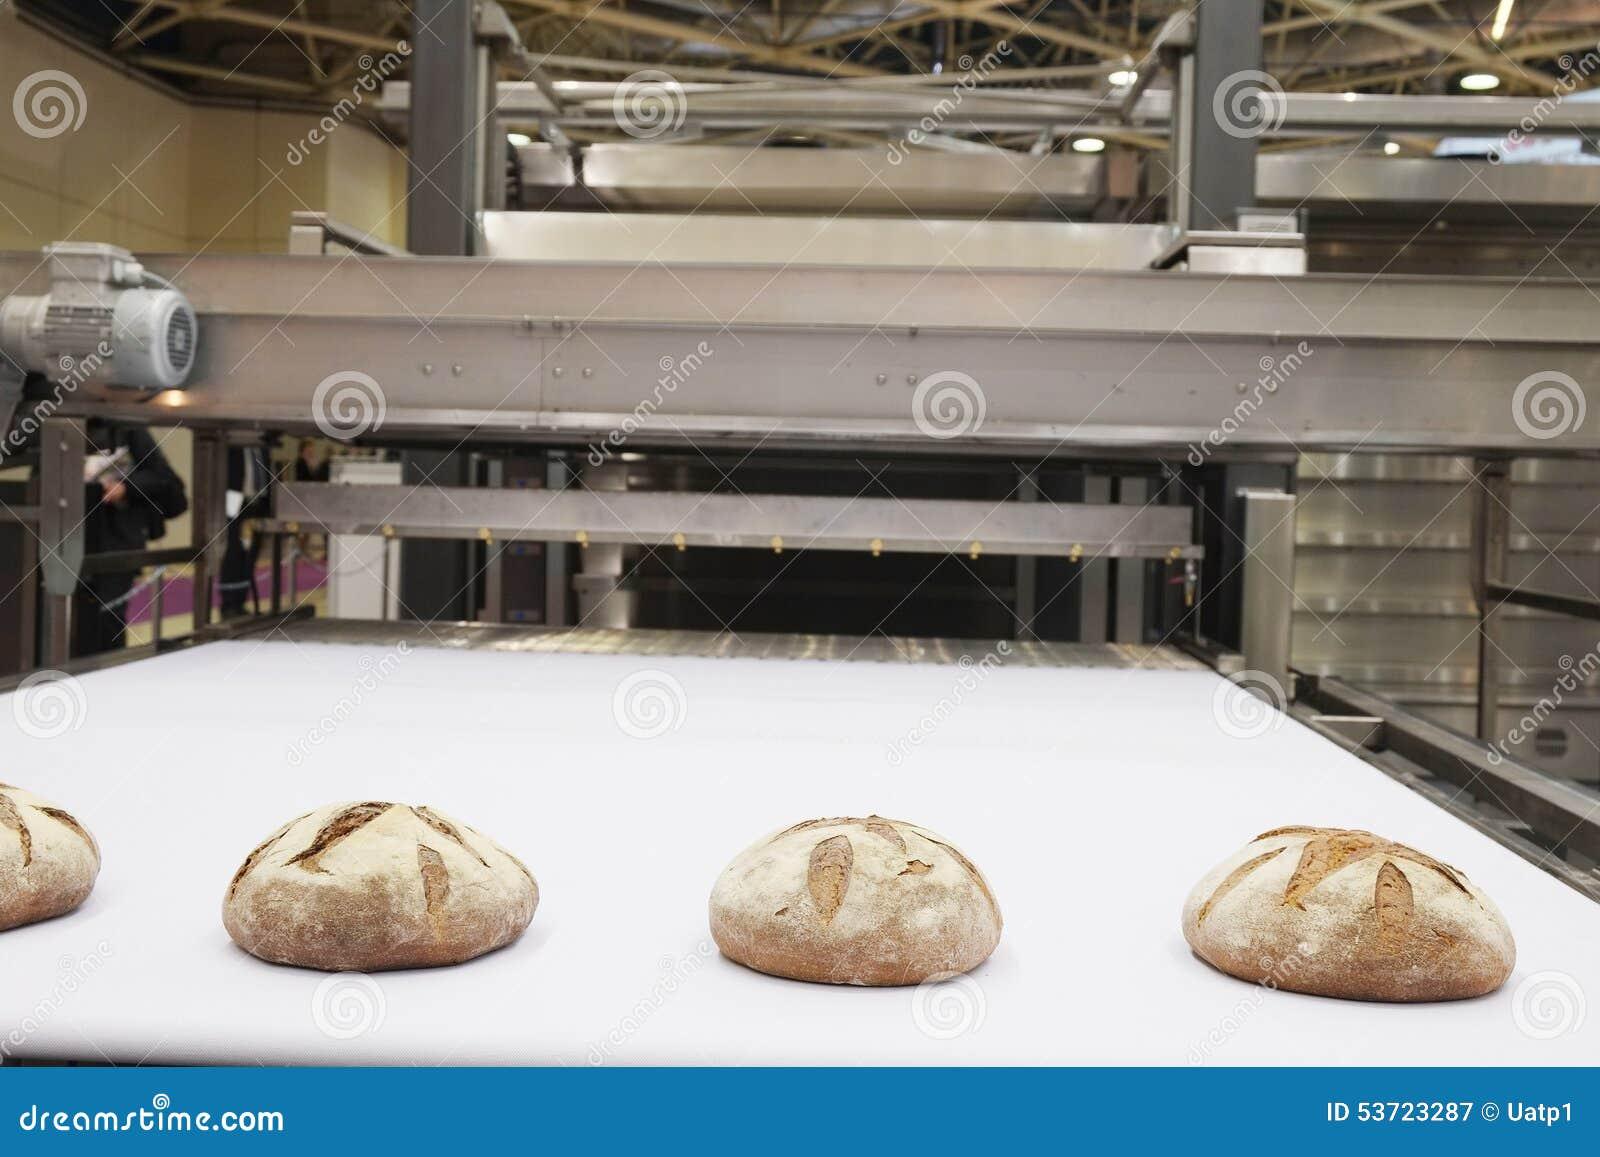 Gebackene Brote auf Fertigungsstraße